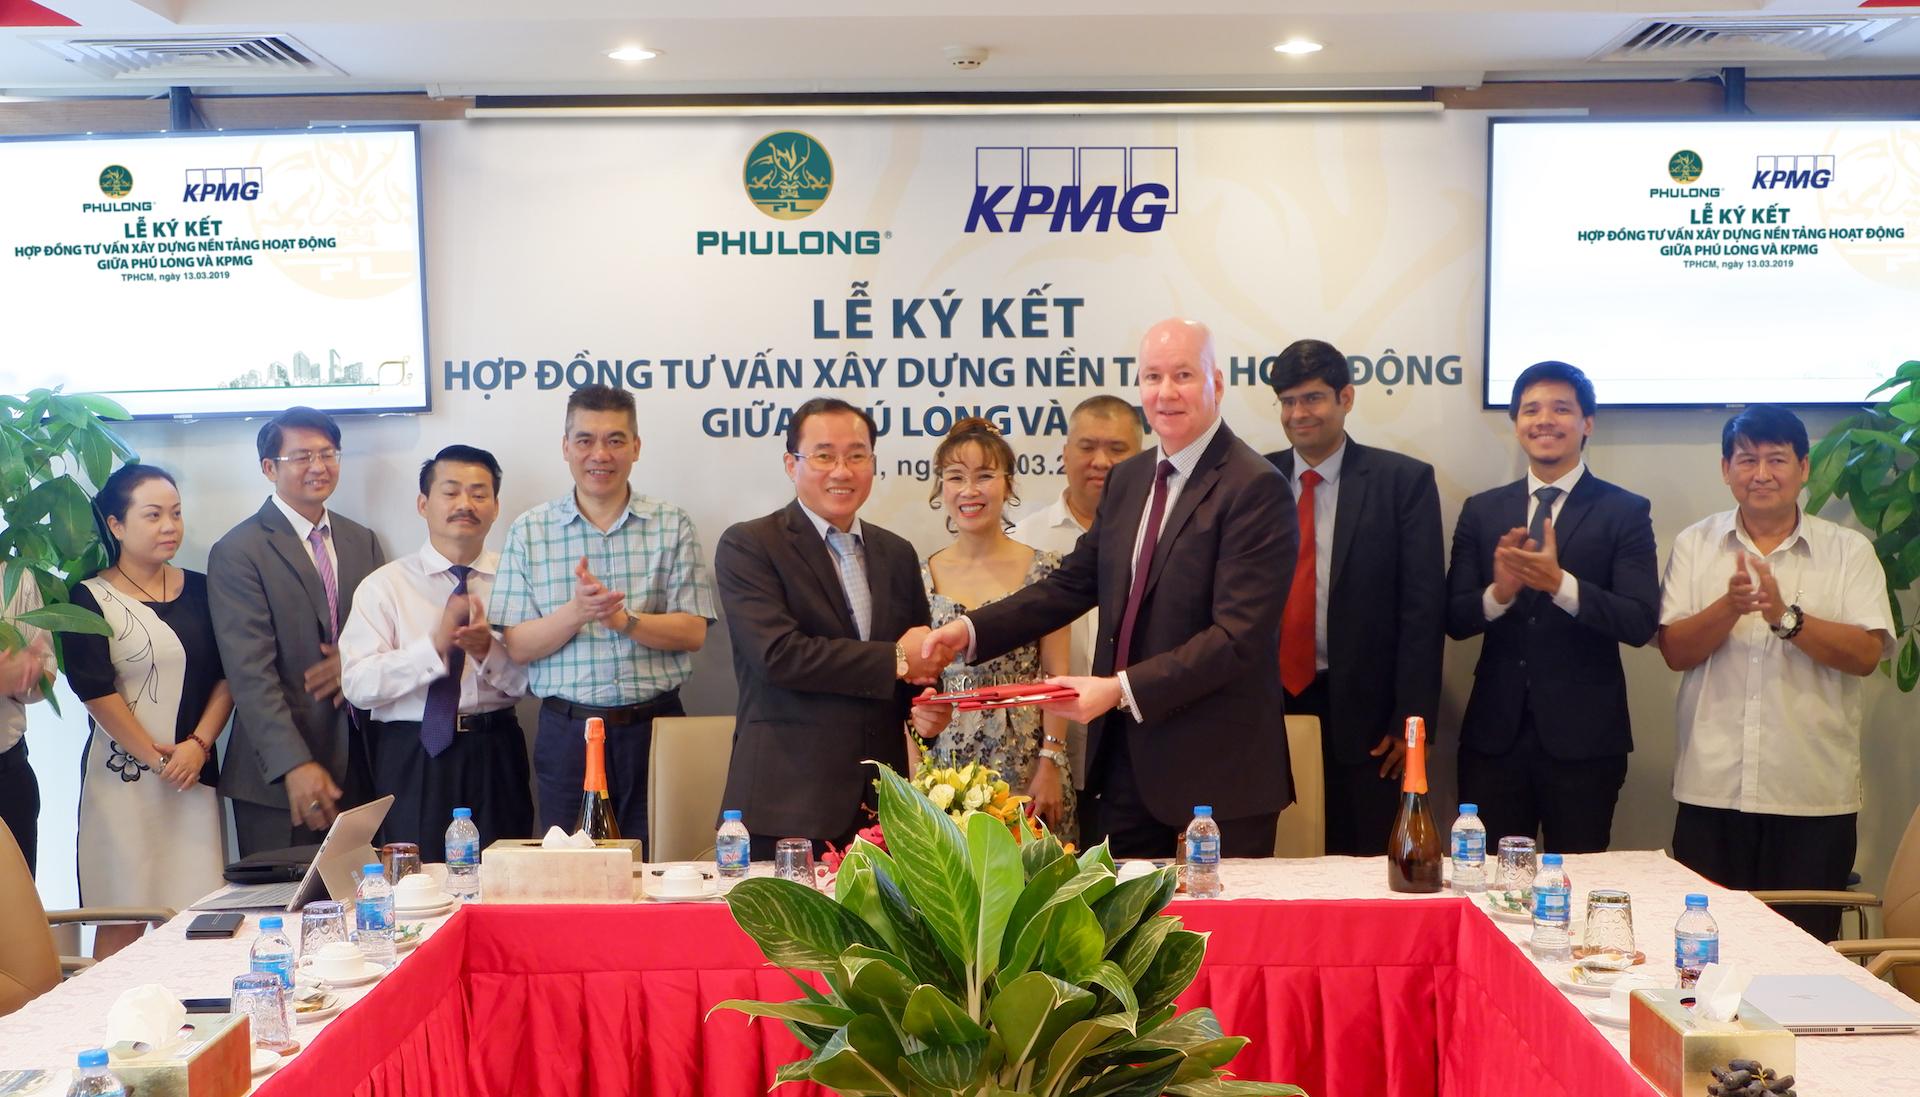 Chủ đầu tư dự án căn hộ chung cư Dragon Riverside City Quận 5 Đường Võ Văn Kiệt chủ đầu tư Phú Long